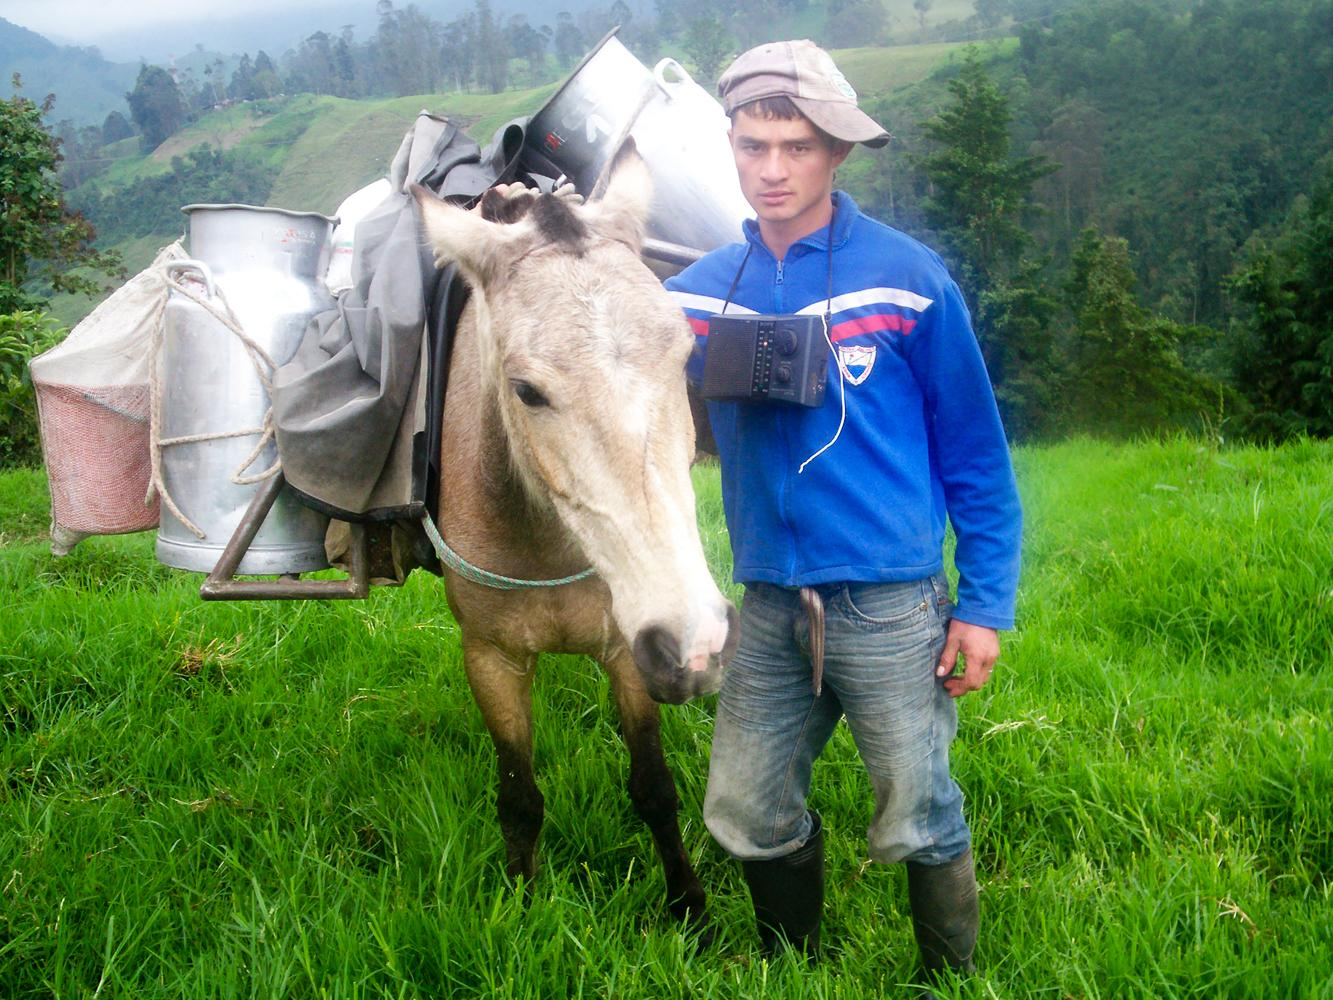 El trabajo en el campo requiere de mucho empeño y cariño. El trabajo de la tierra requiere de la dedicación de todos los de la familia, además se trabaja de la mano con los animales.